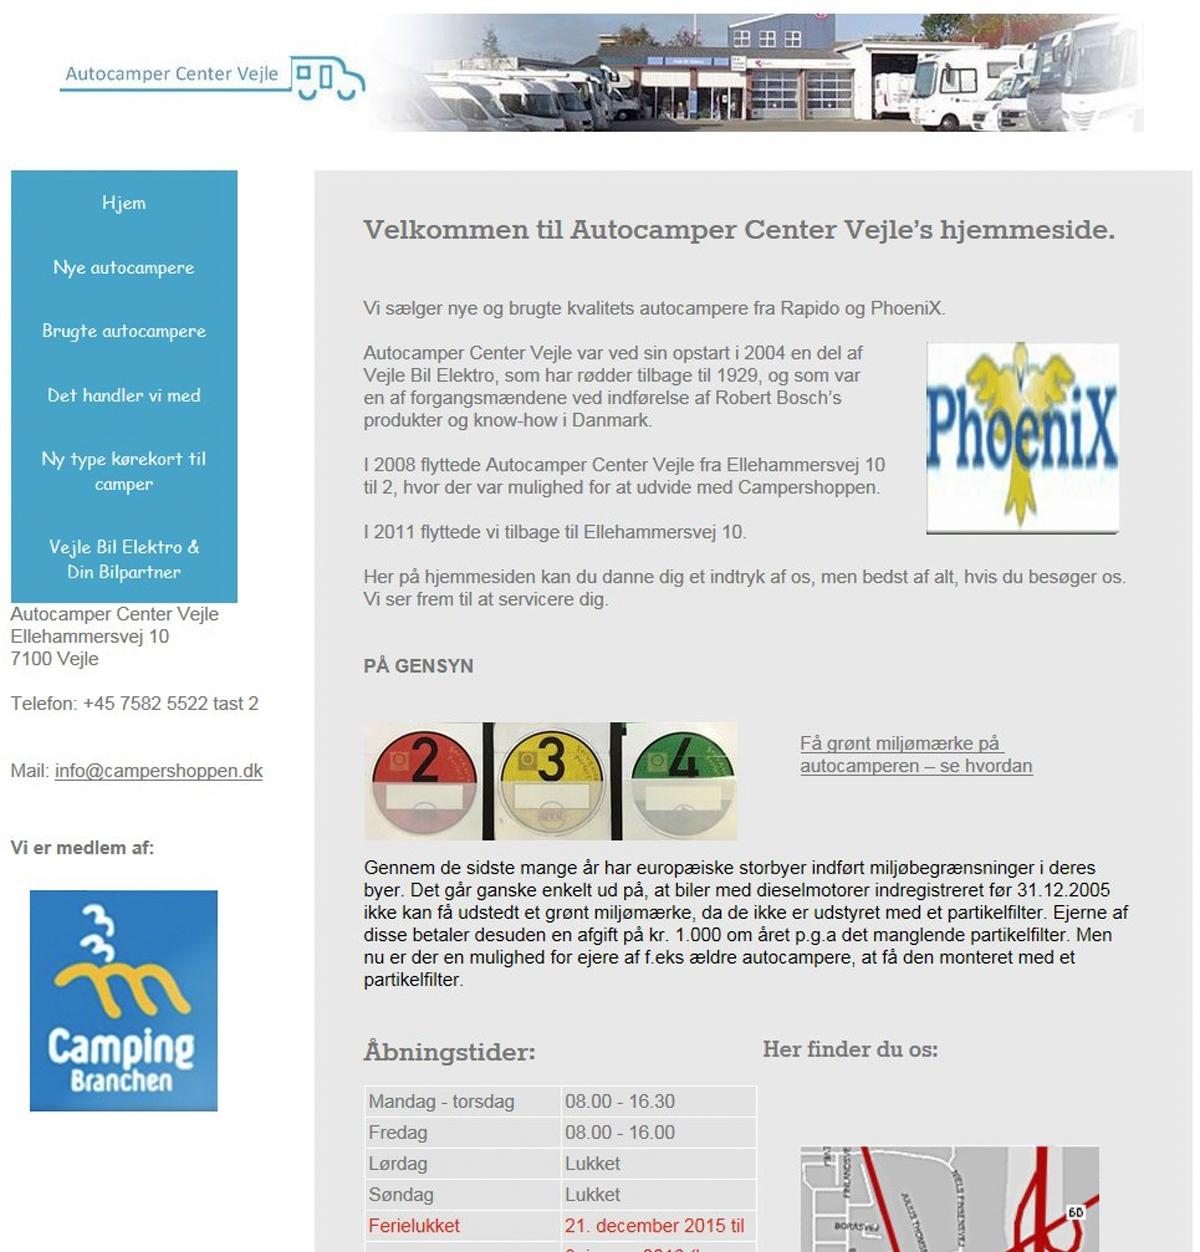 Autocamper Center Vejle